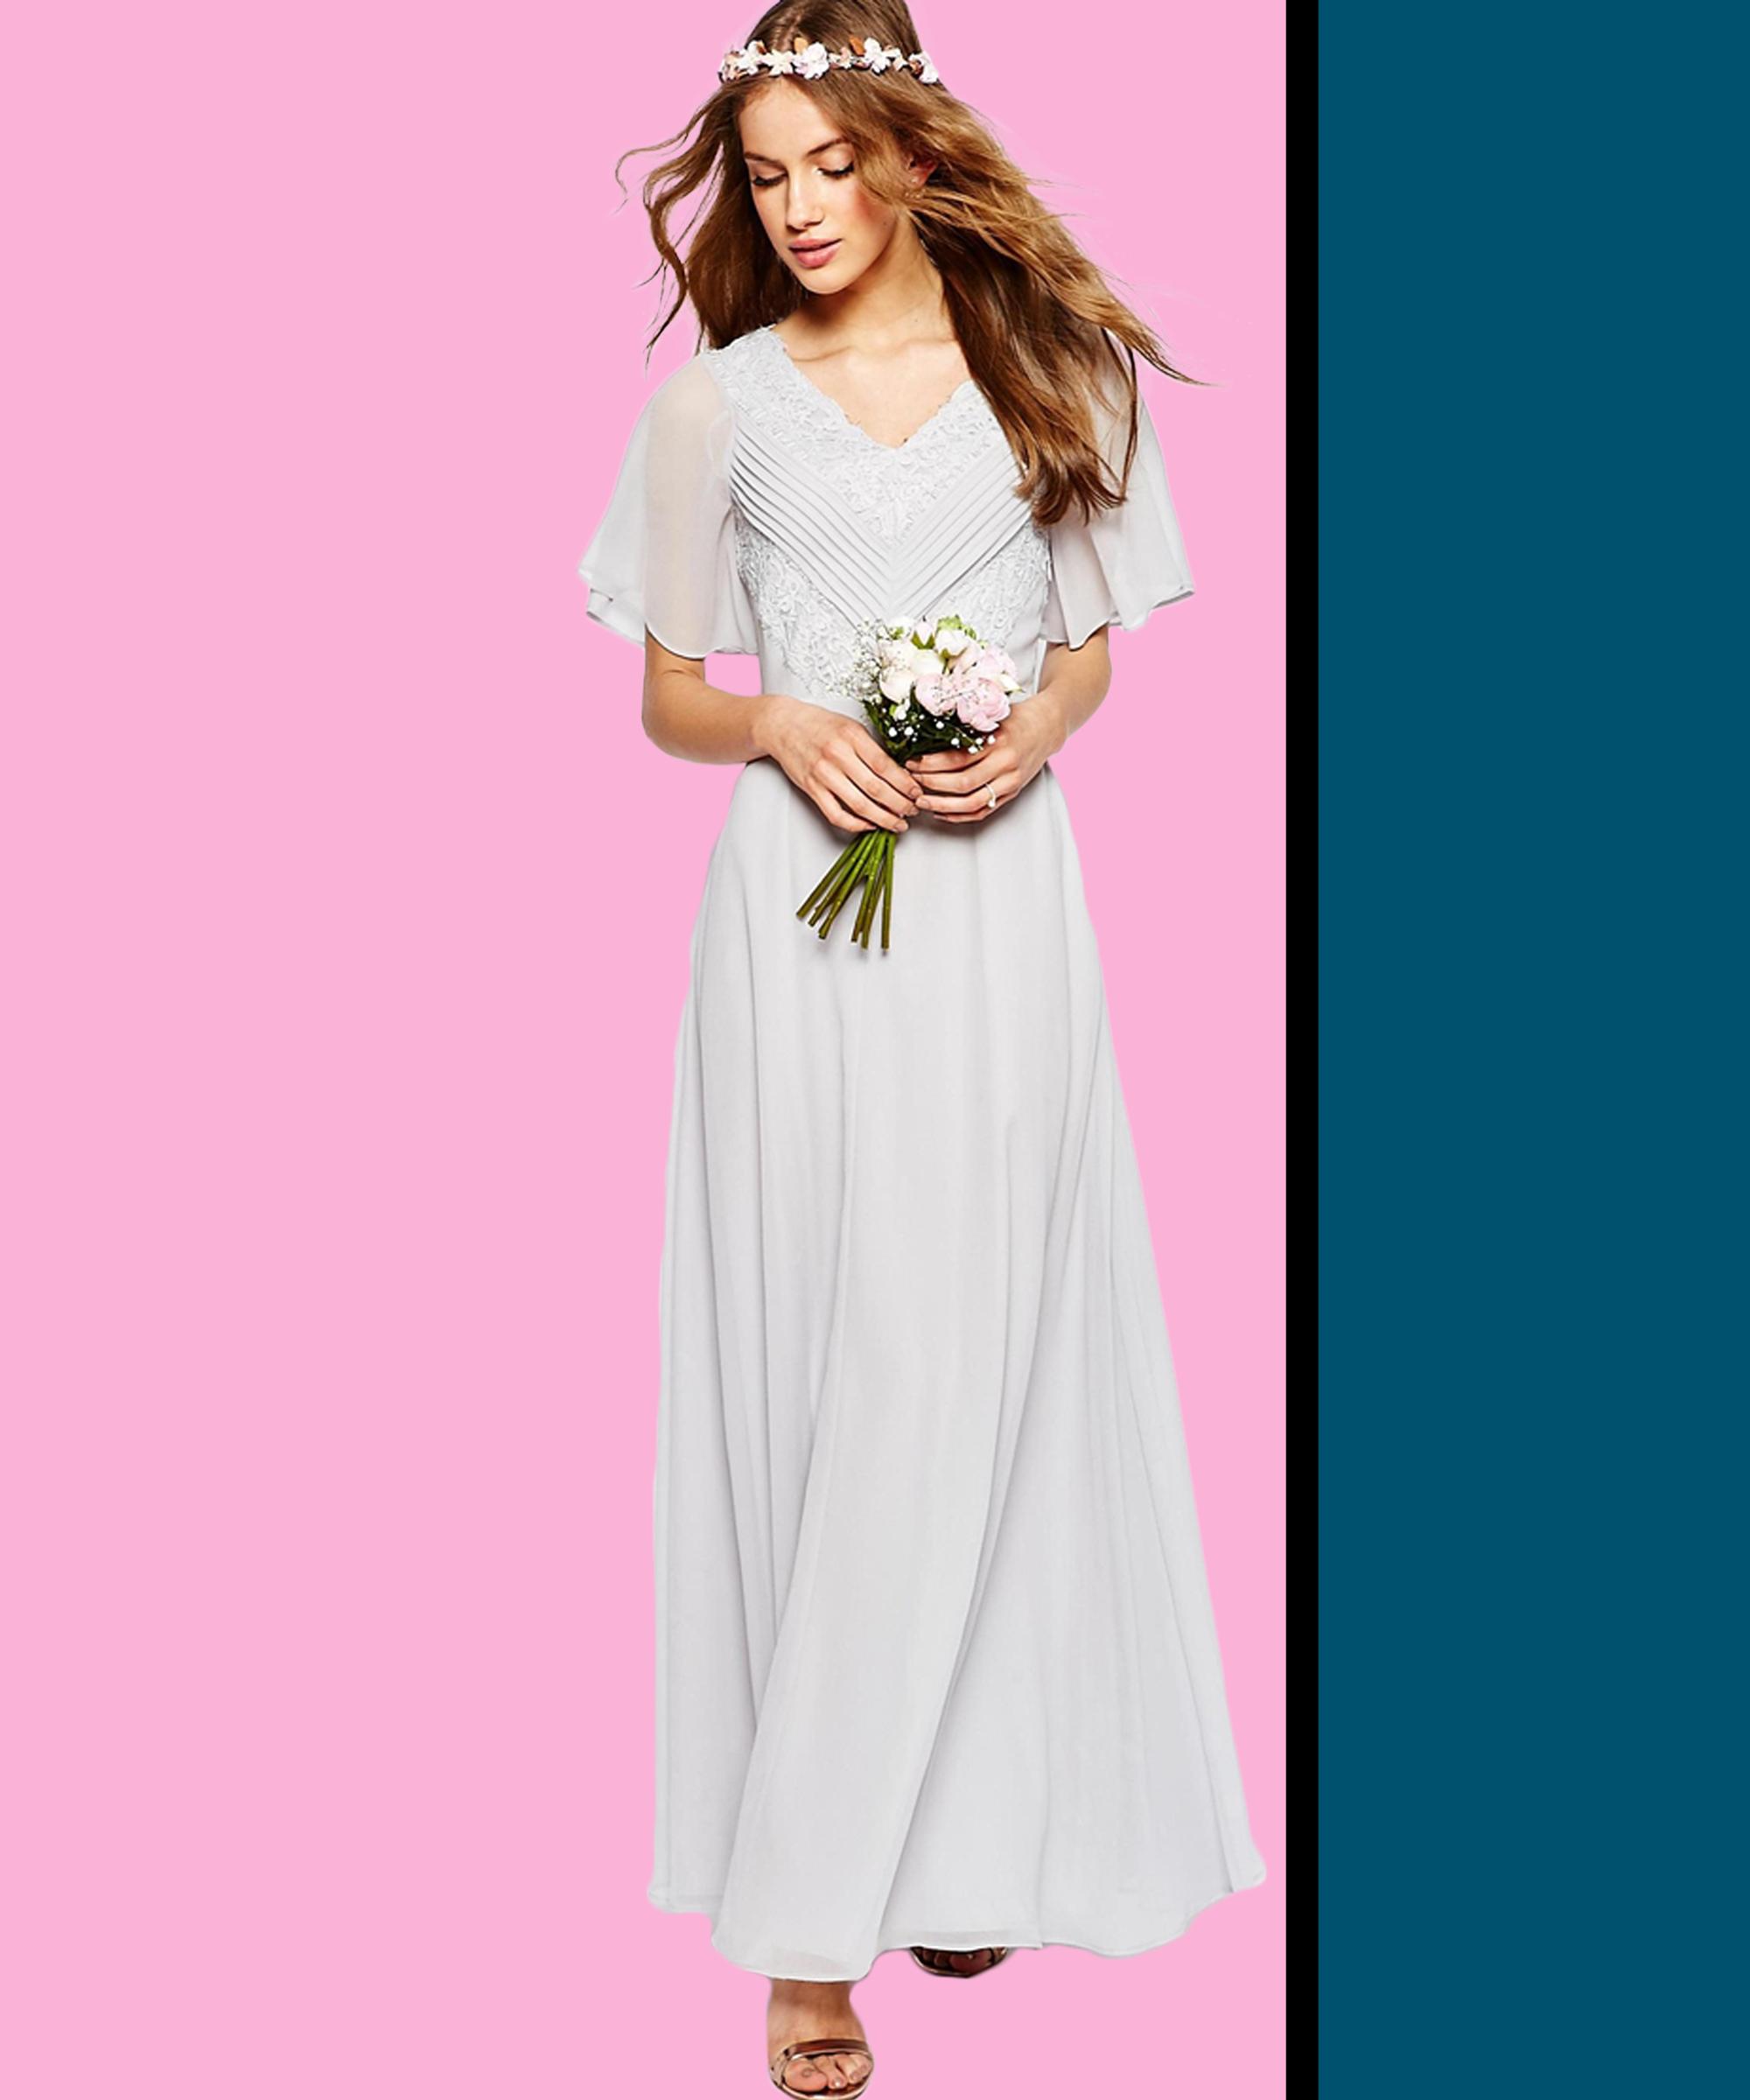 f8203ab363 Unusual Wedding Dresses Uk - Data Dynamic AG